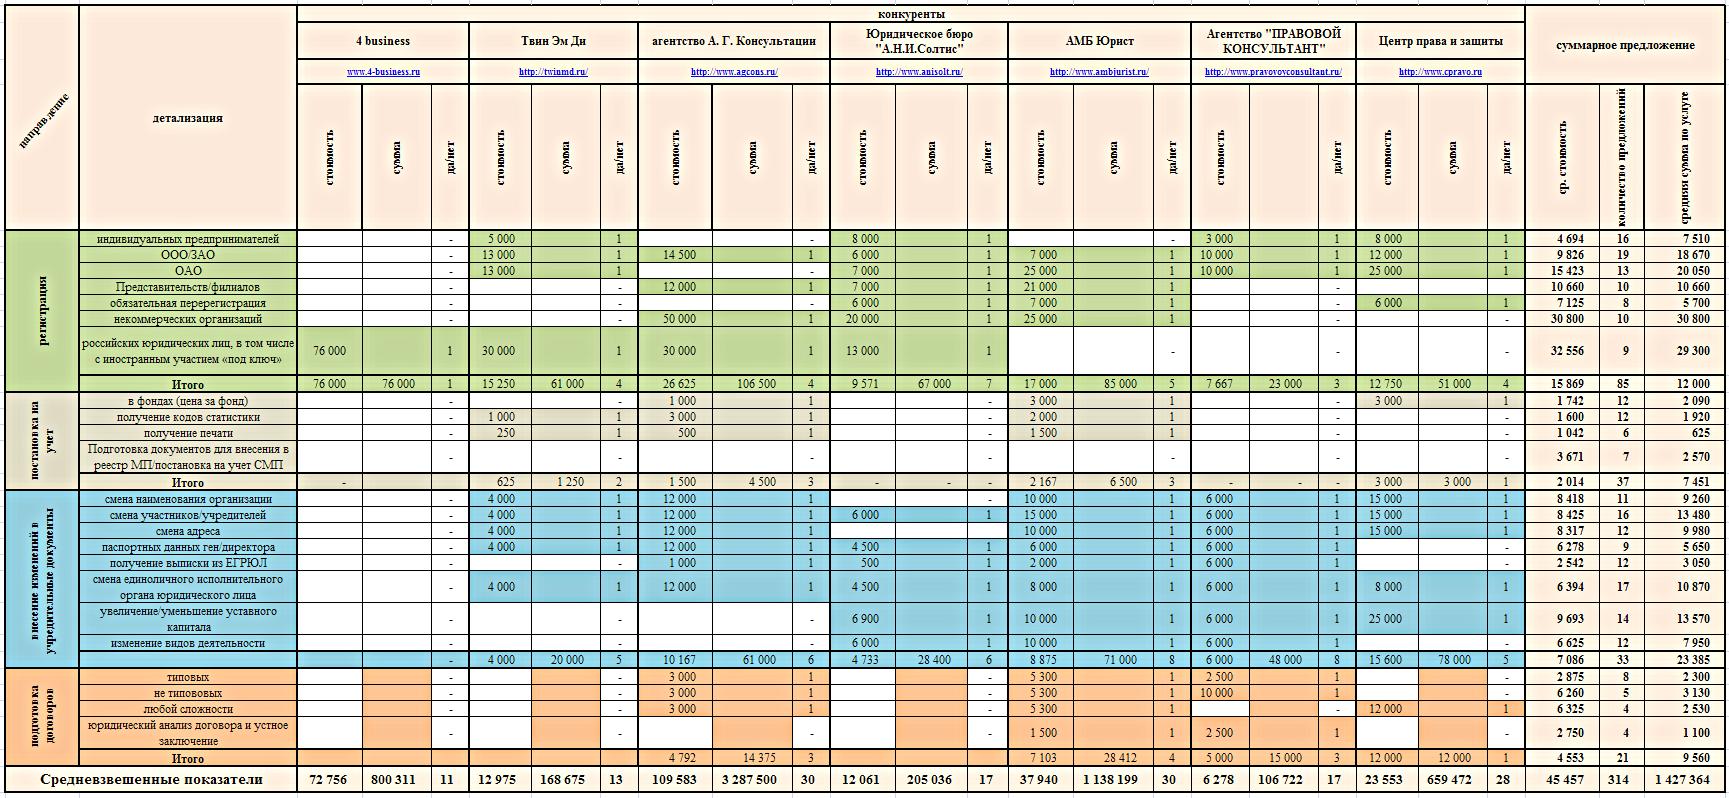 Анализ тенденций и сегментов конкурентов